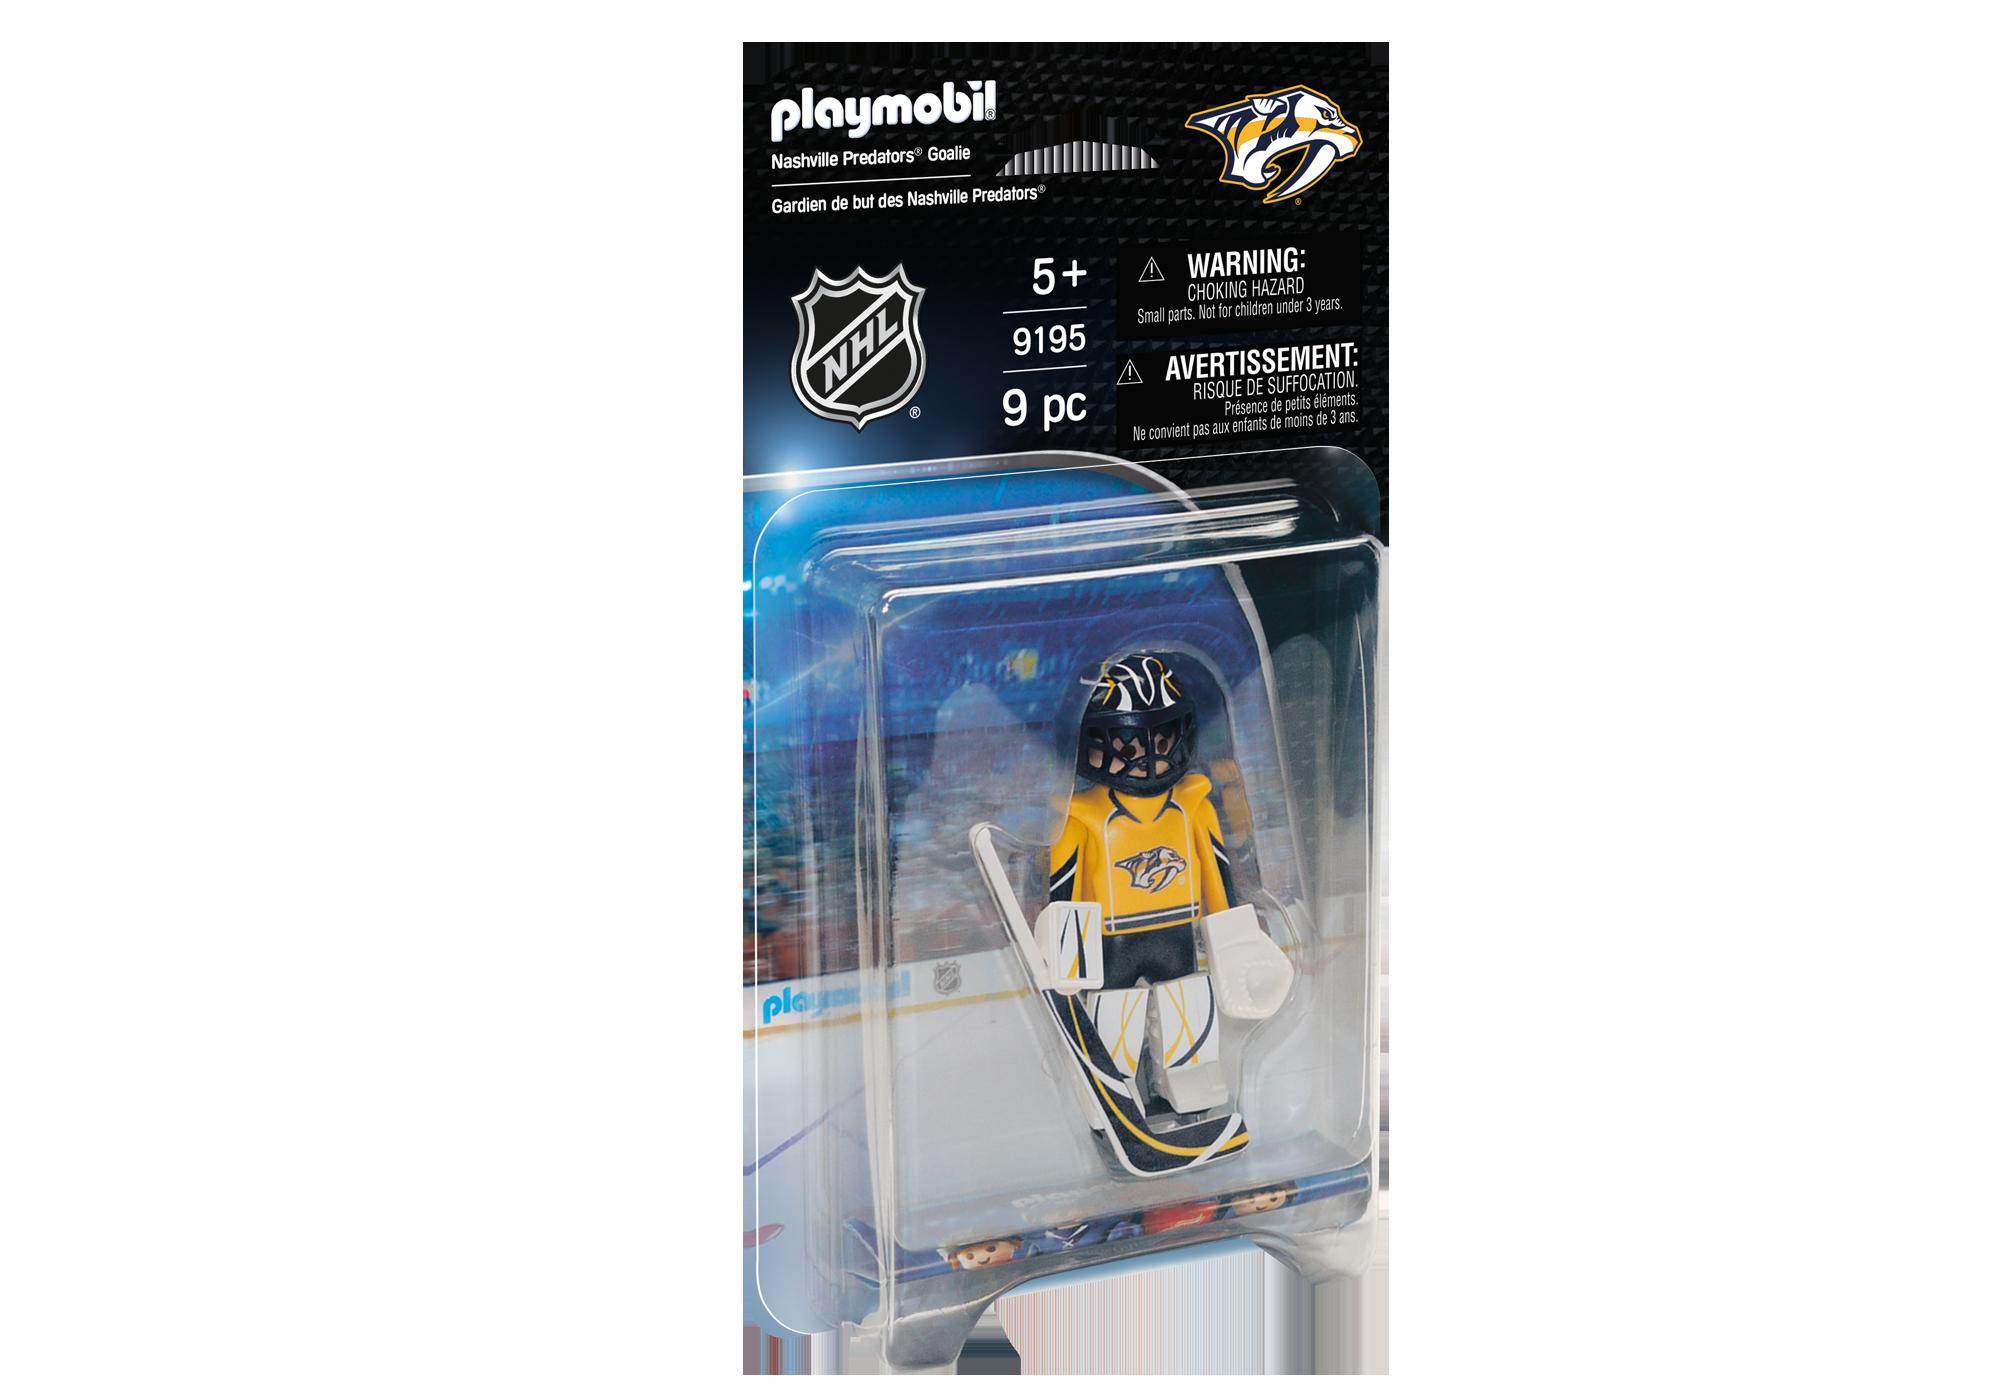 http://media.playmobil.com/i/playmobil/9195_product_box_front/NHL® Nashville Predators® Goalie